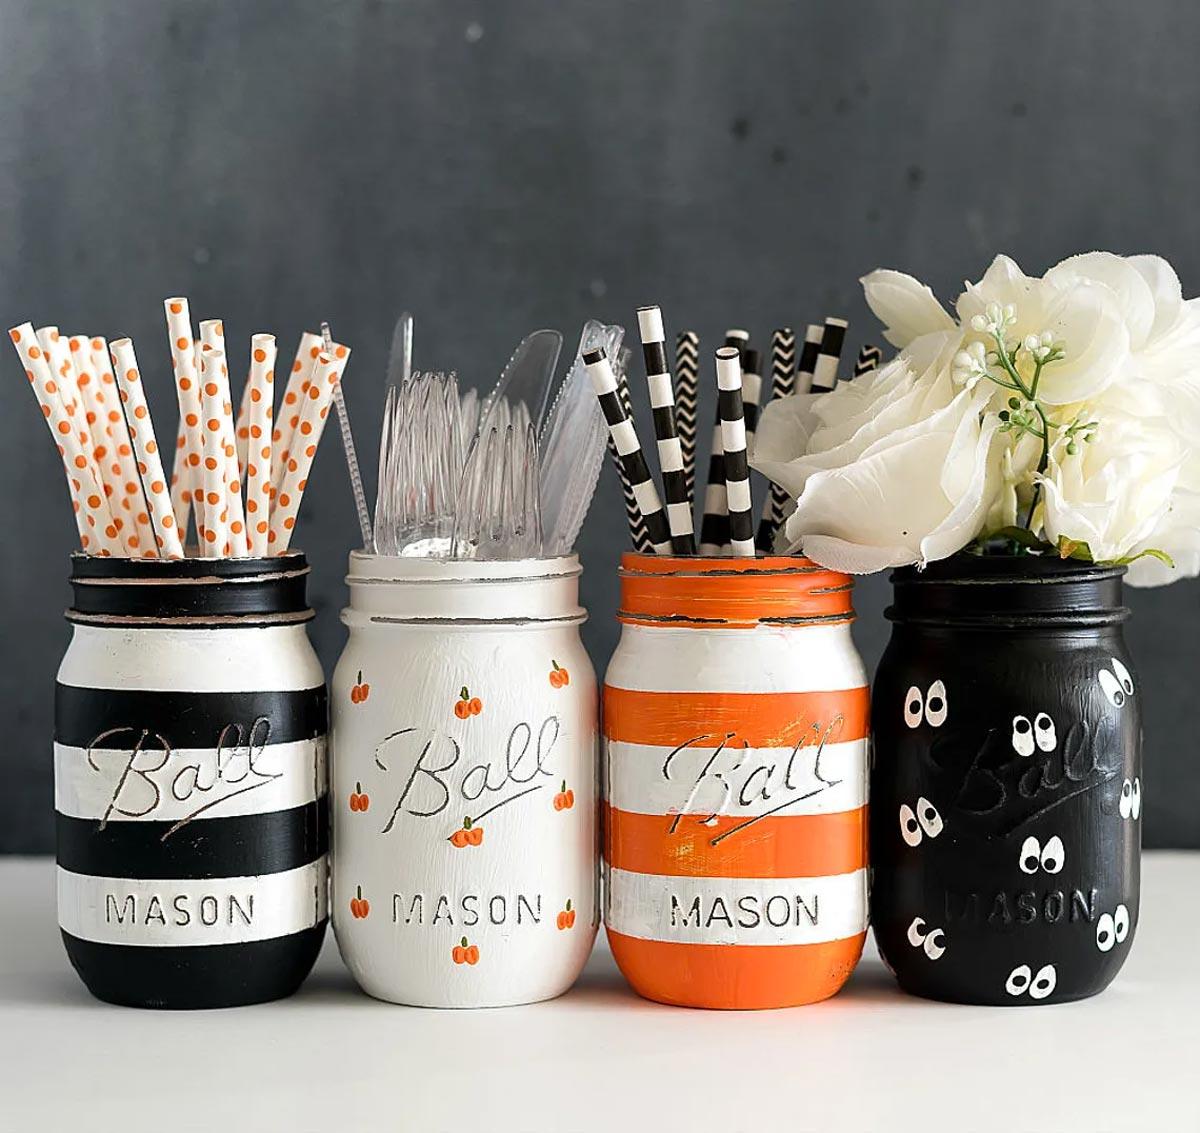 Recyclage créatif de bocaux pour l'automne.